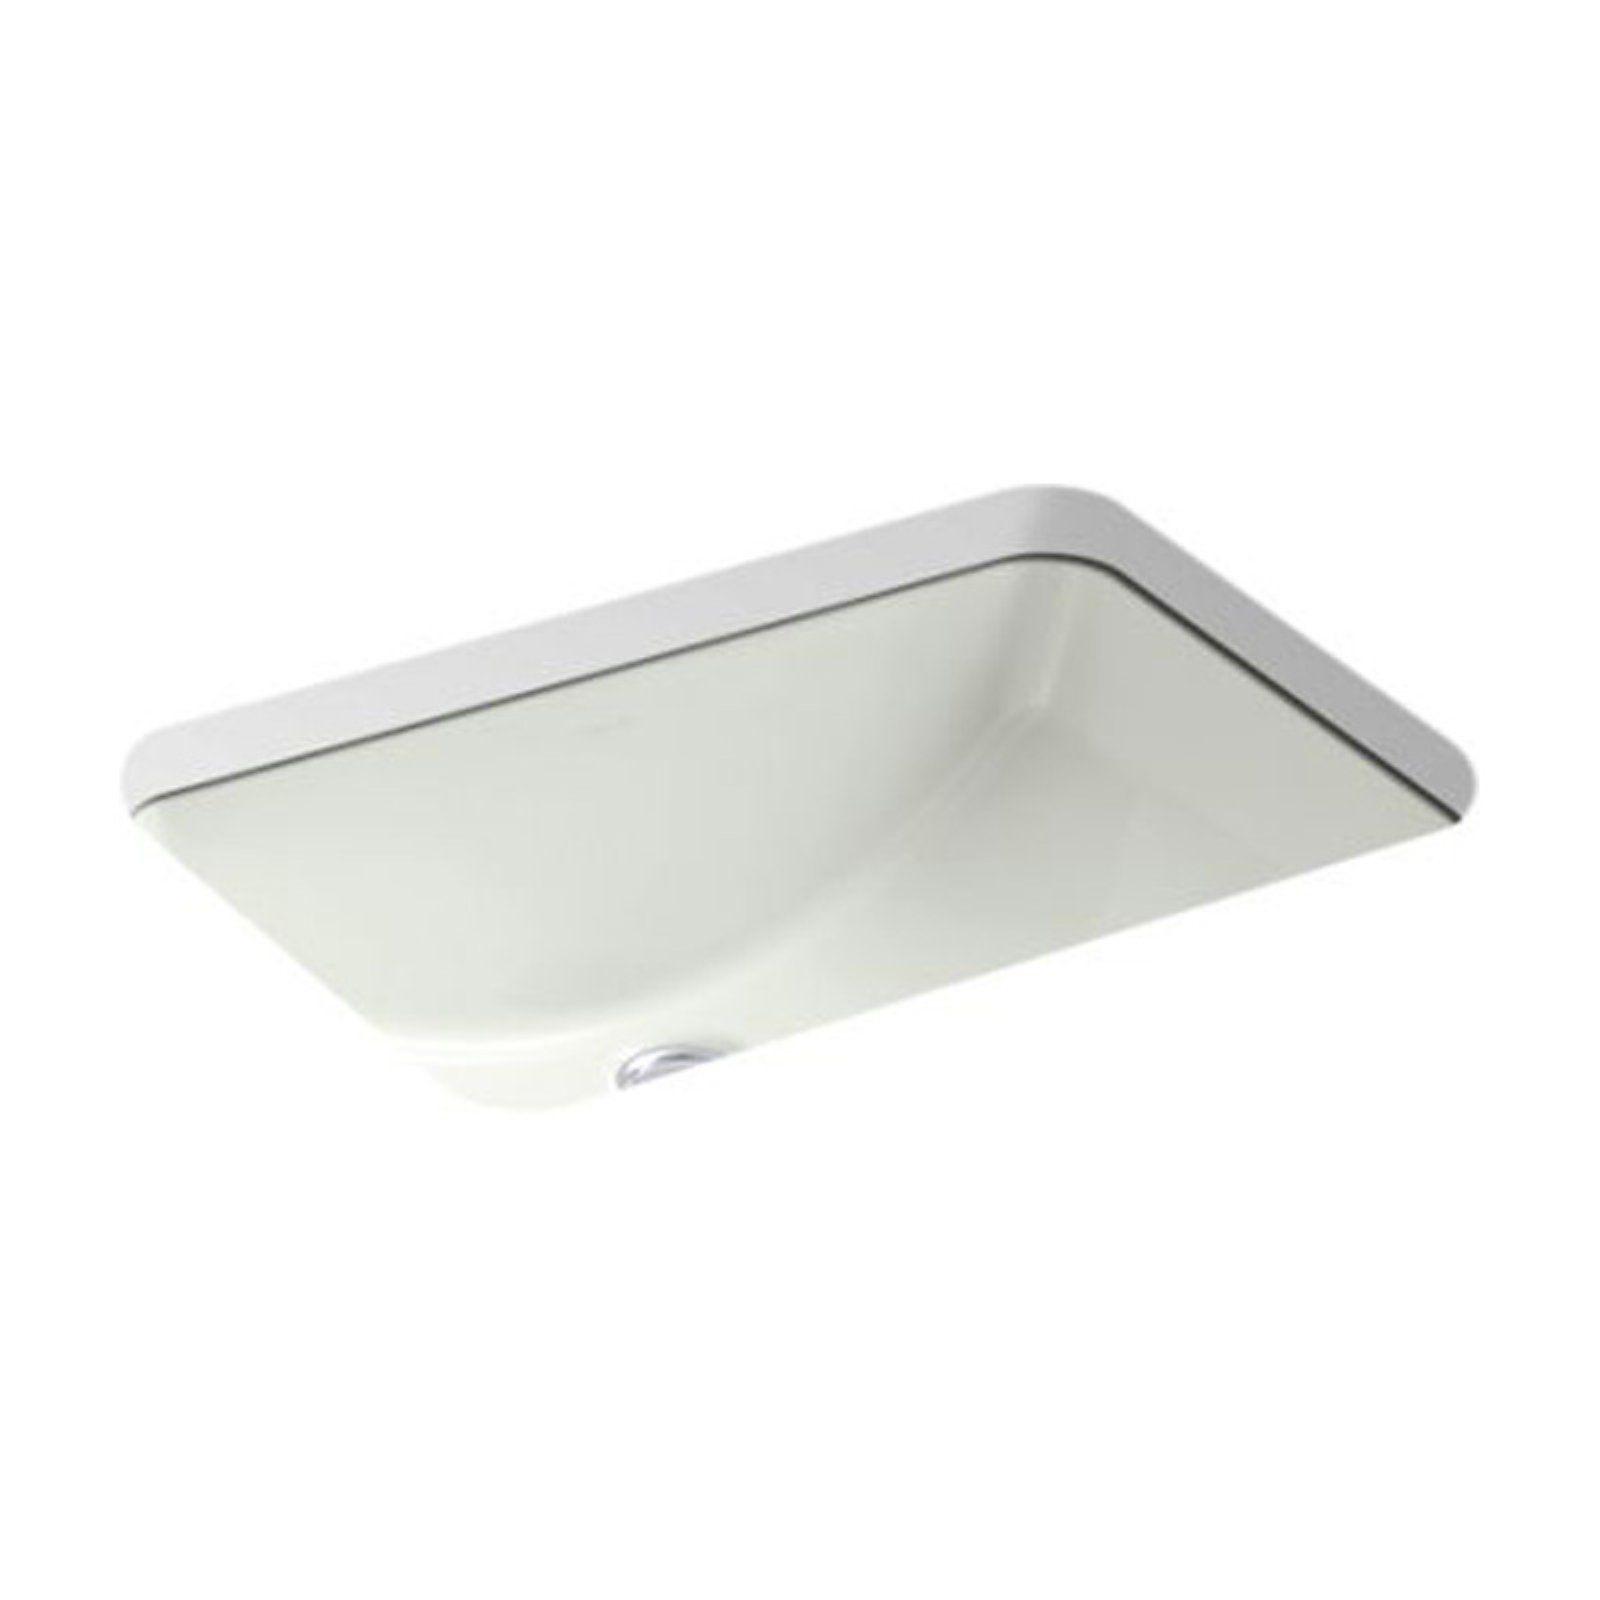 Kohler Ladena K2214 Undermount Bathroom Sink Small Bathroom